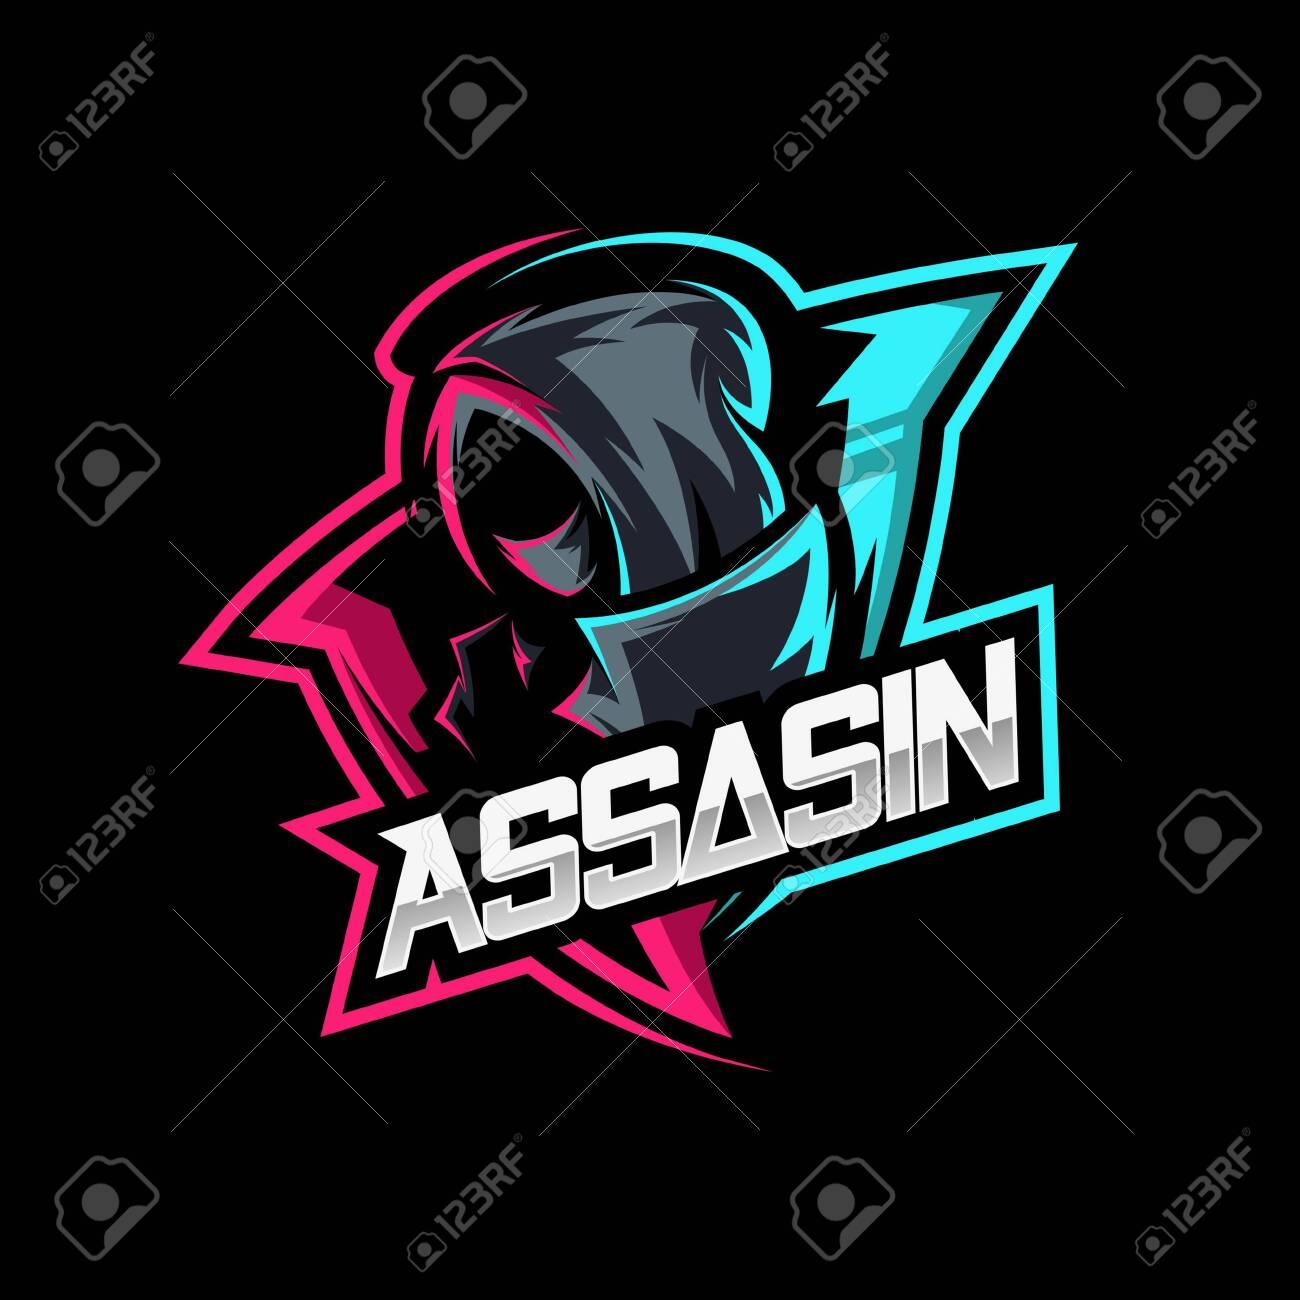 Assassin Ninja Mascot Gaming Logo Vector Royalty Free Cliparts Vectors And Stock Illustration Image 148797236